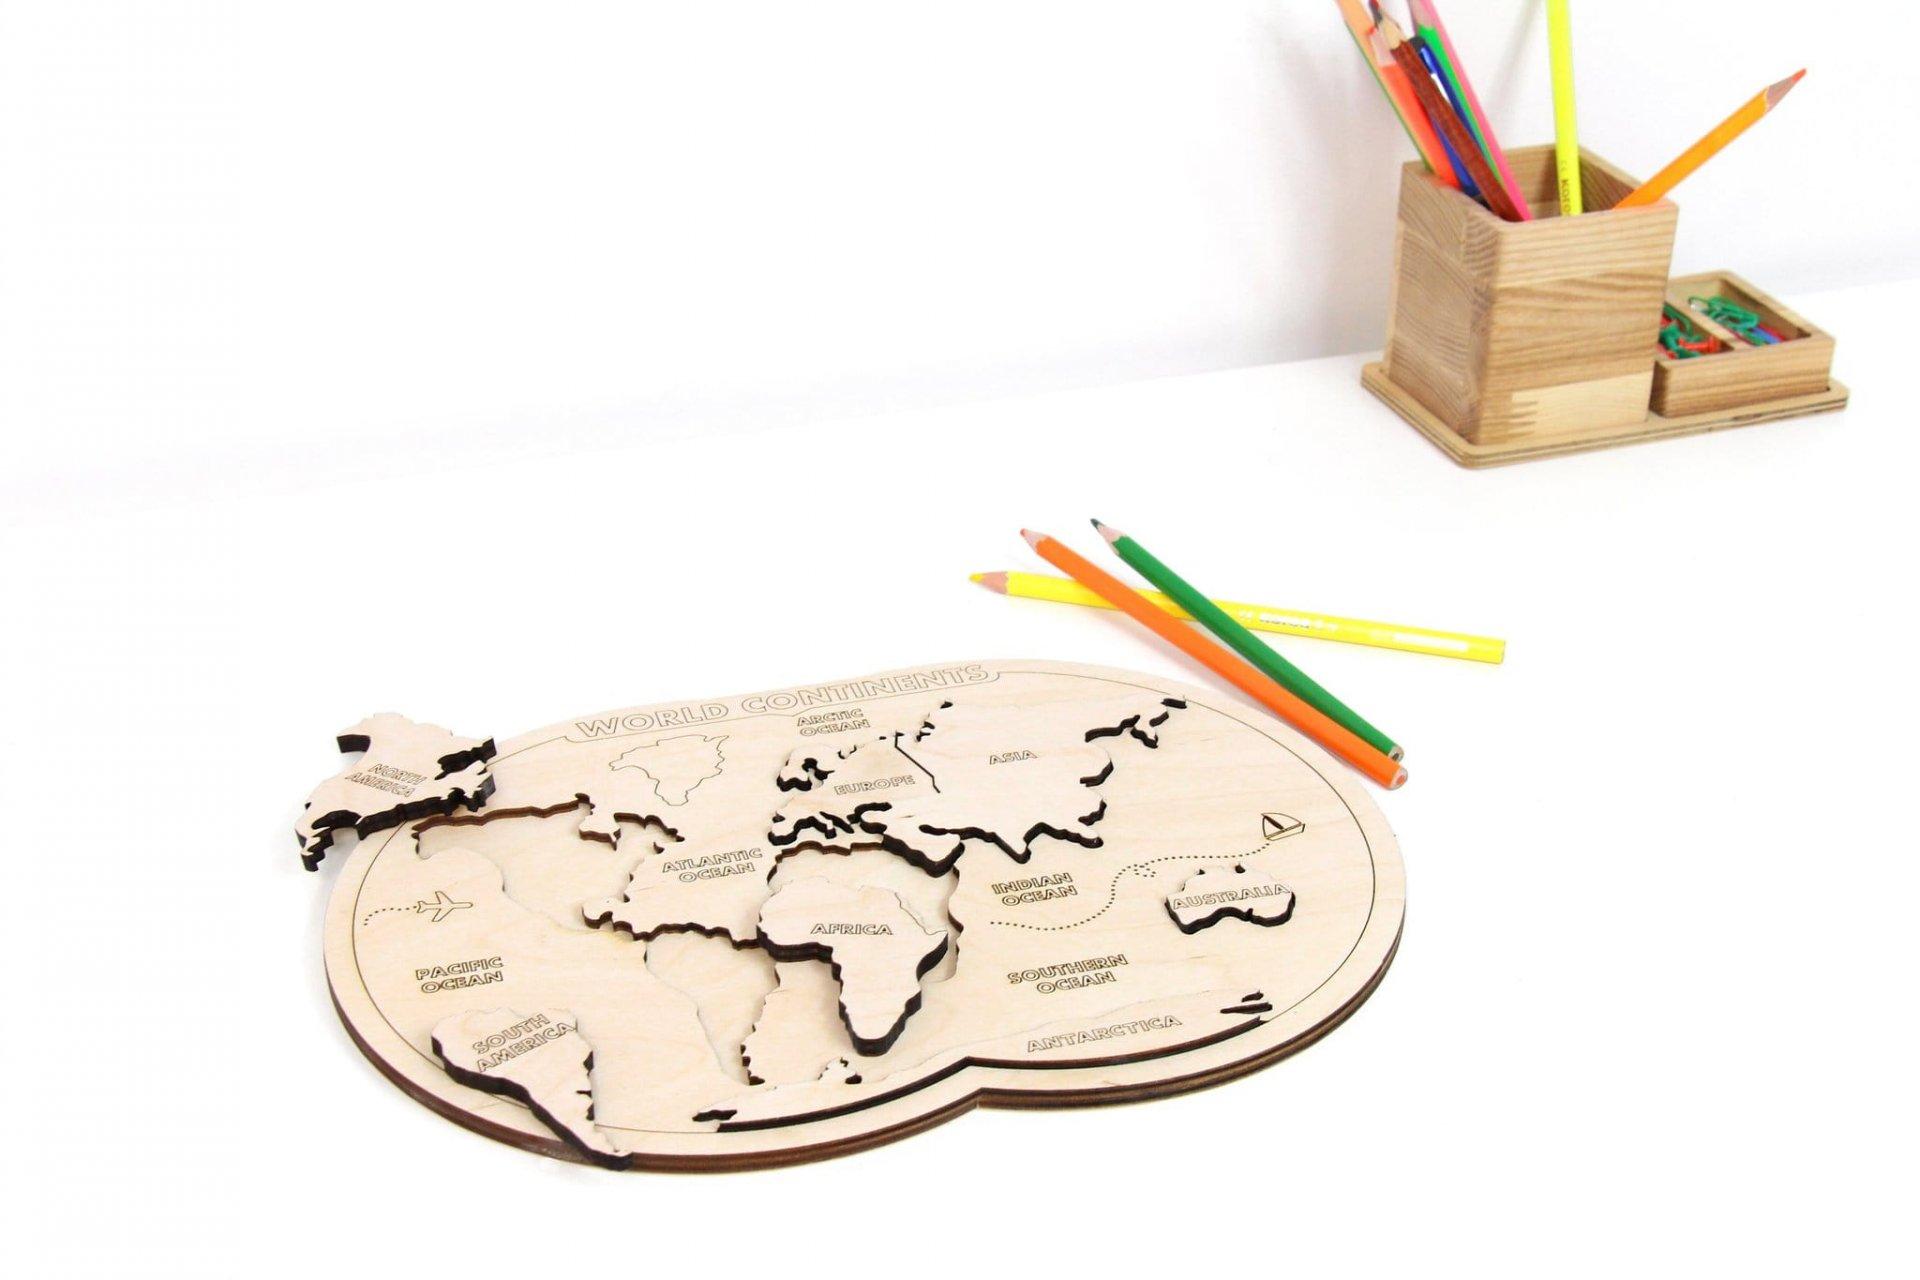 англомовні країни світу, англійська мова мова міжнародного спілкування